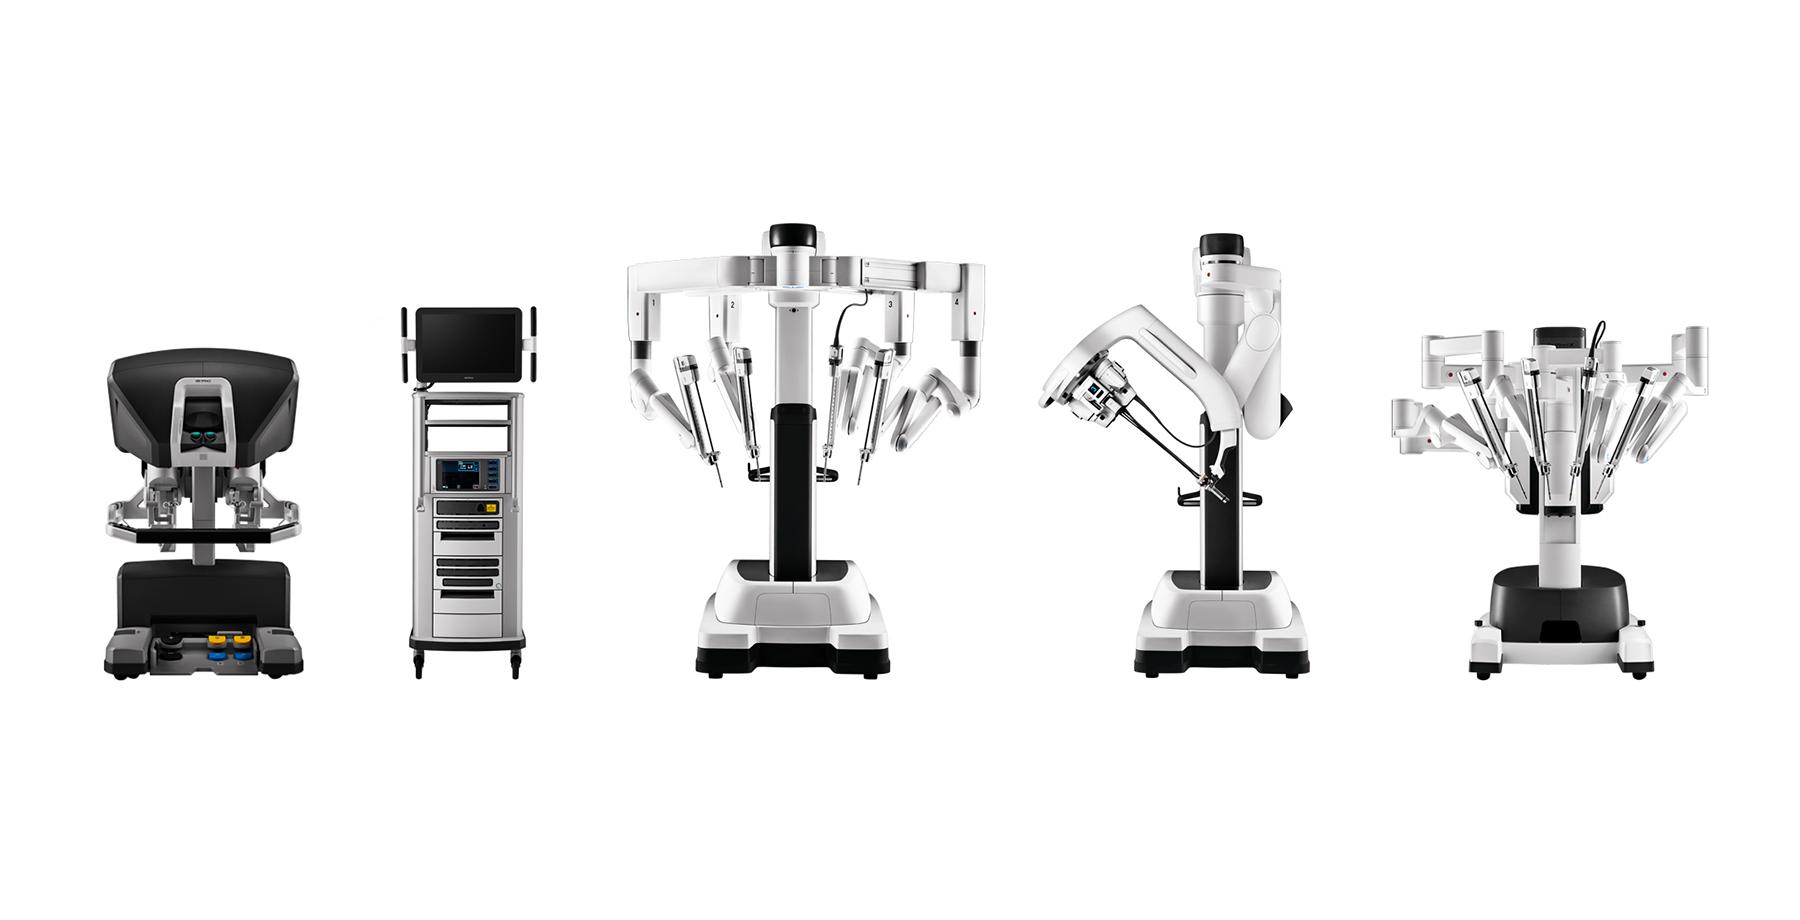 intuitive-da-vinci-gen4-surgical-systems-patient-carts-surgeon-console-vision-tower-lineup-1060868-hi-res